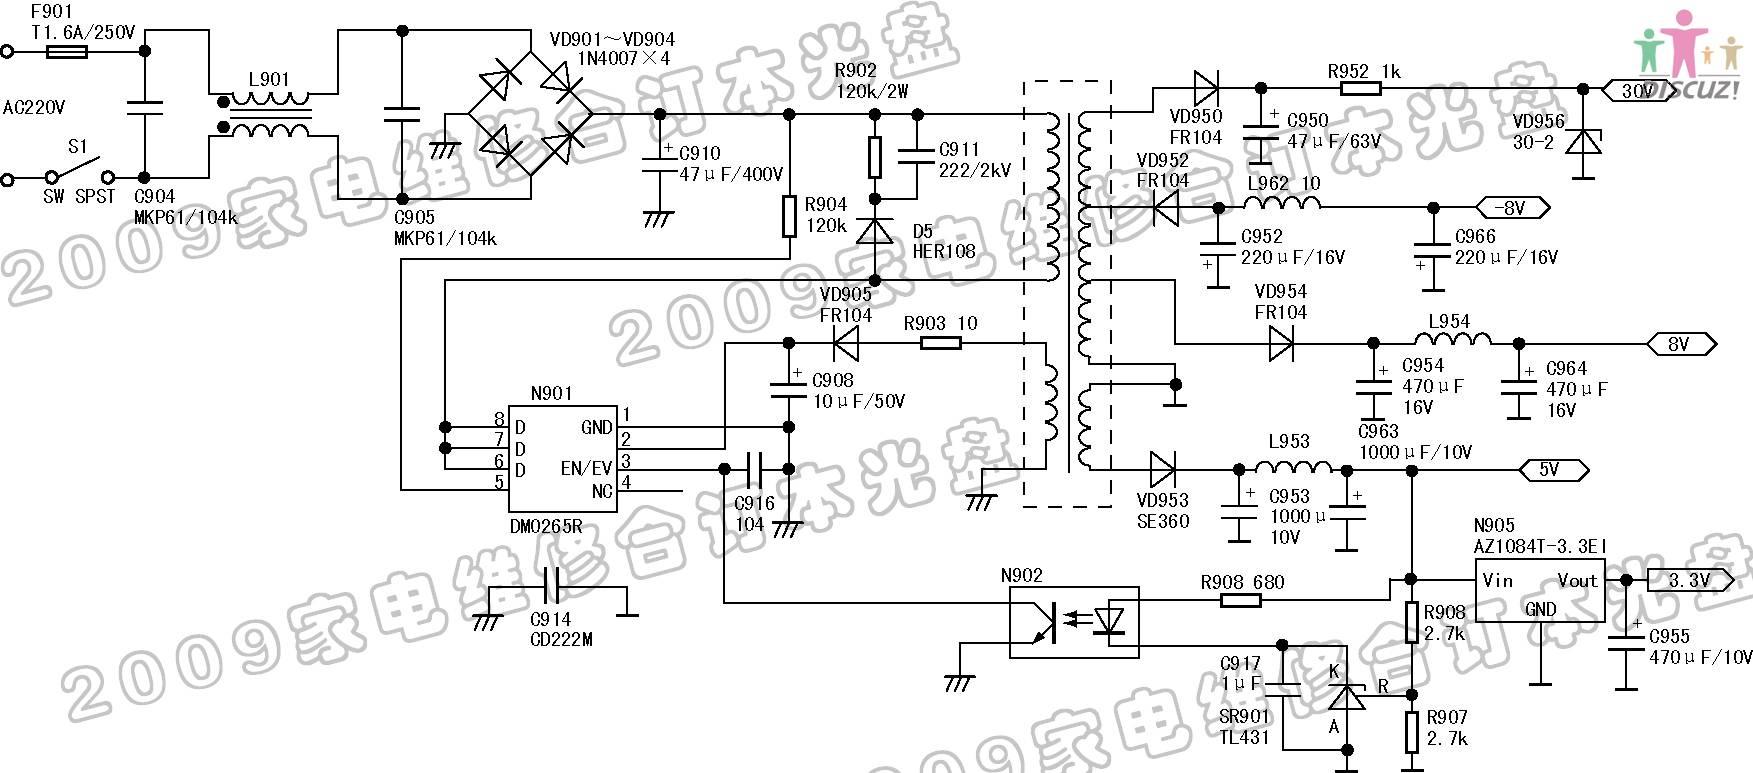 康佳hb610c数字机顶盒电源原理图.jpg